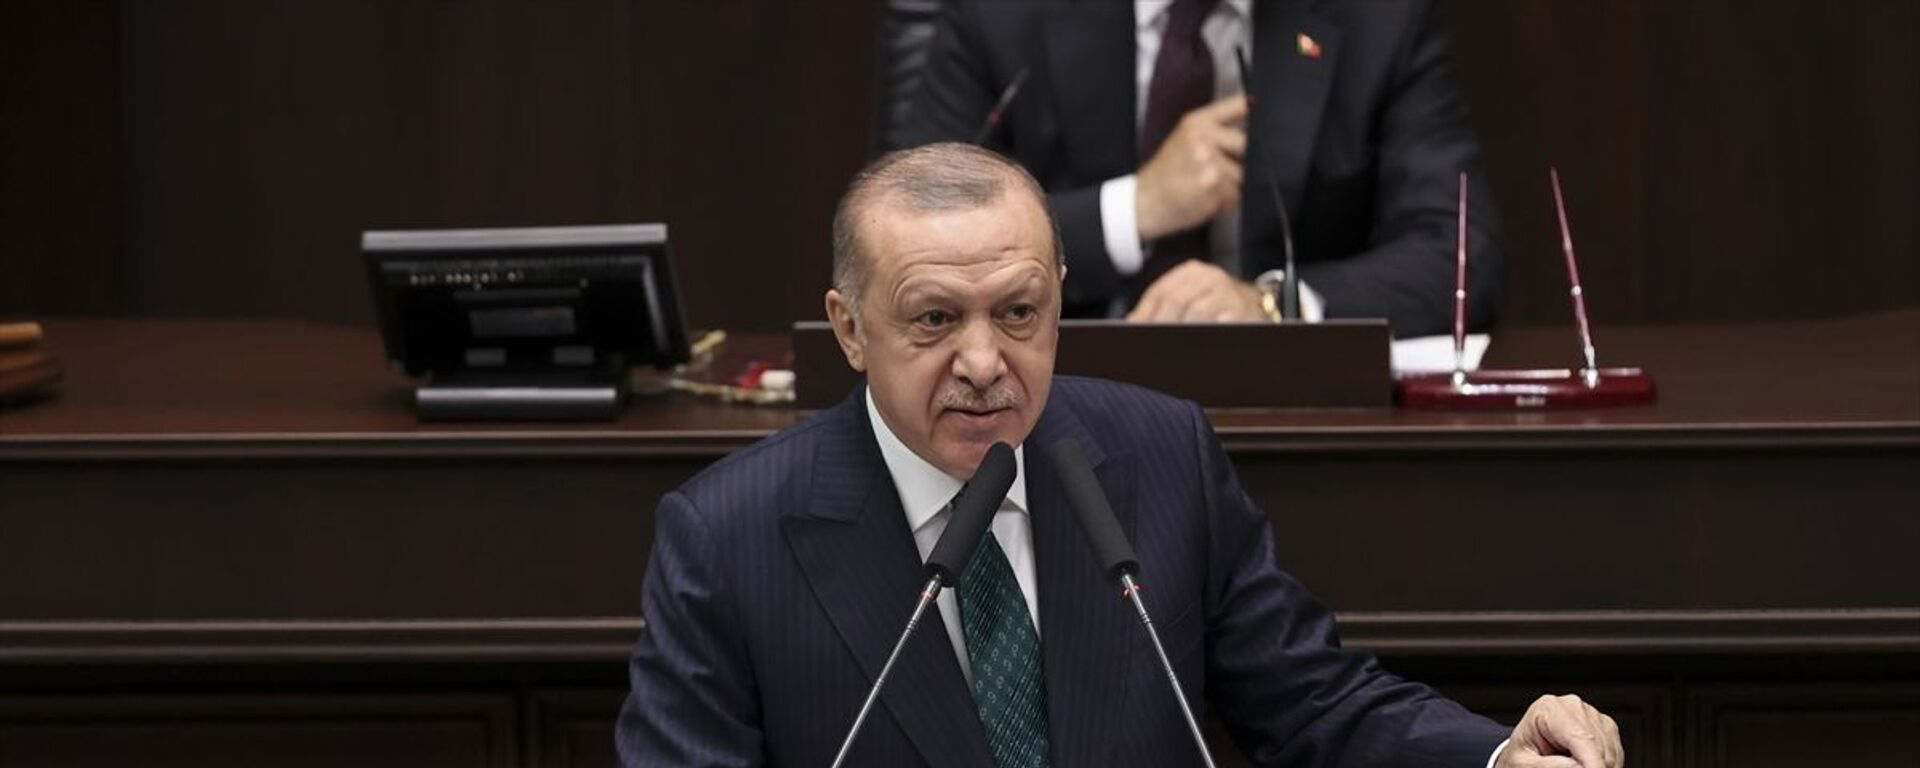 Recep Tayyip Erdoğan, AK Parti TBMM Grup Toplantısı - Sputnik Türkiye, 1920, 14.09.2021